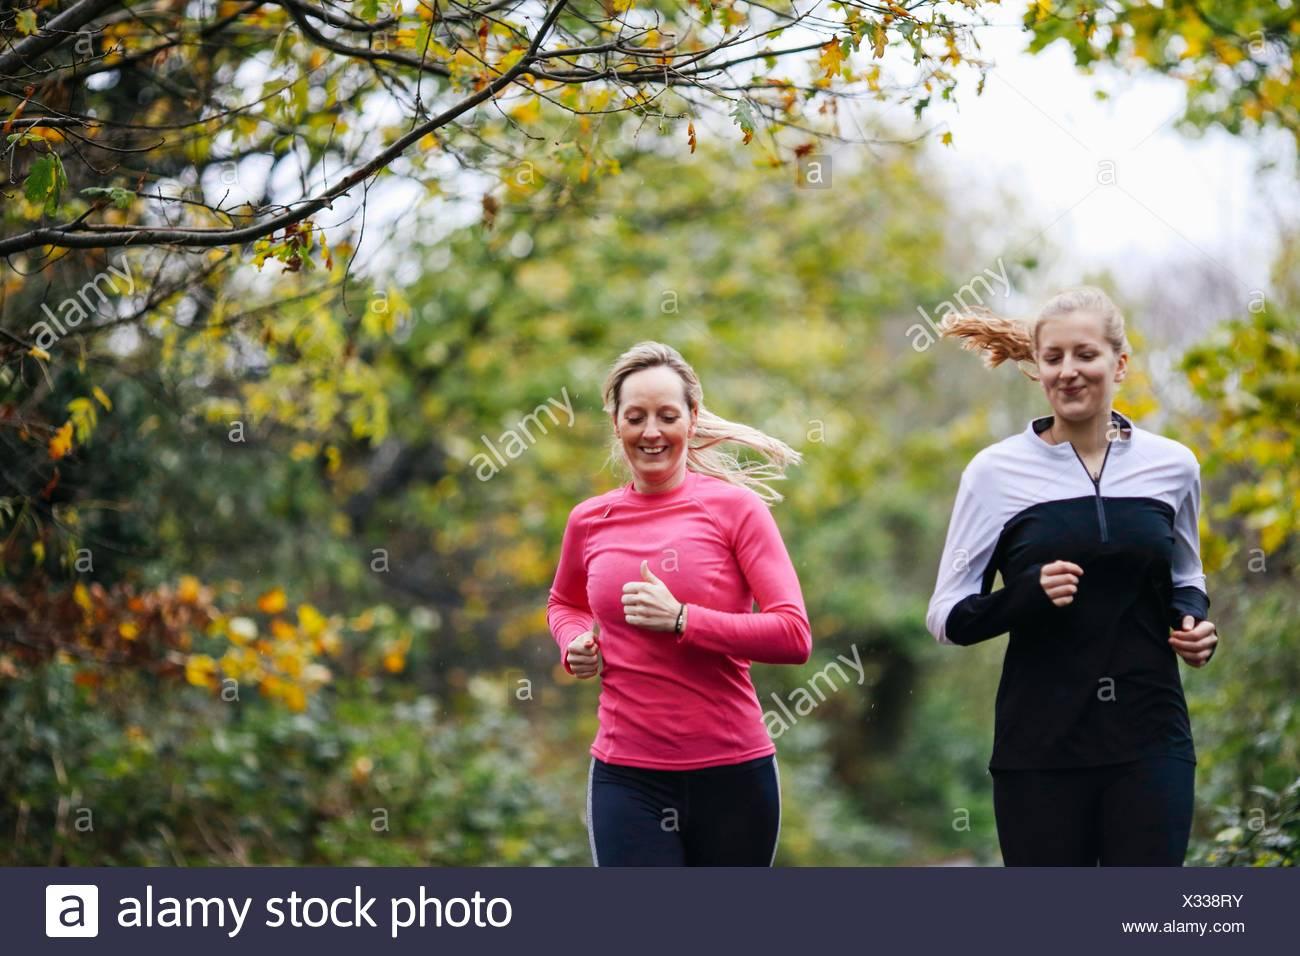 Ragazza adolescente e donna in corsa in posizione di parcheggio Immagini Stock